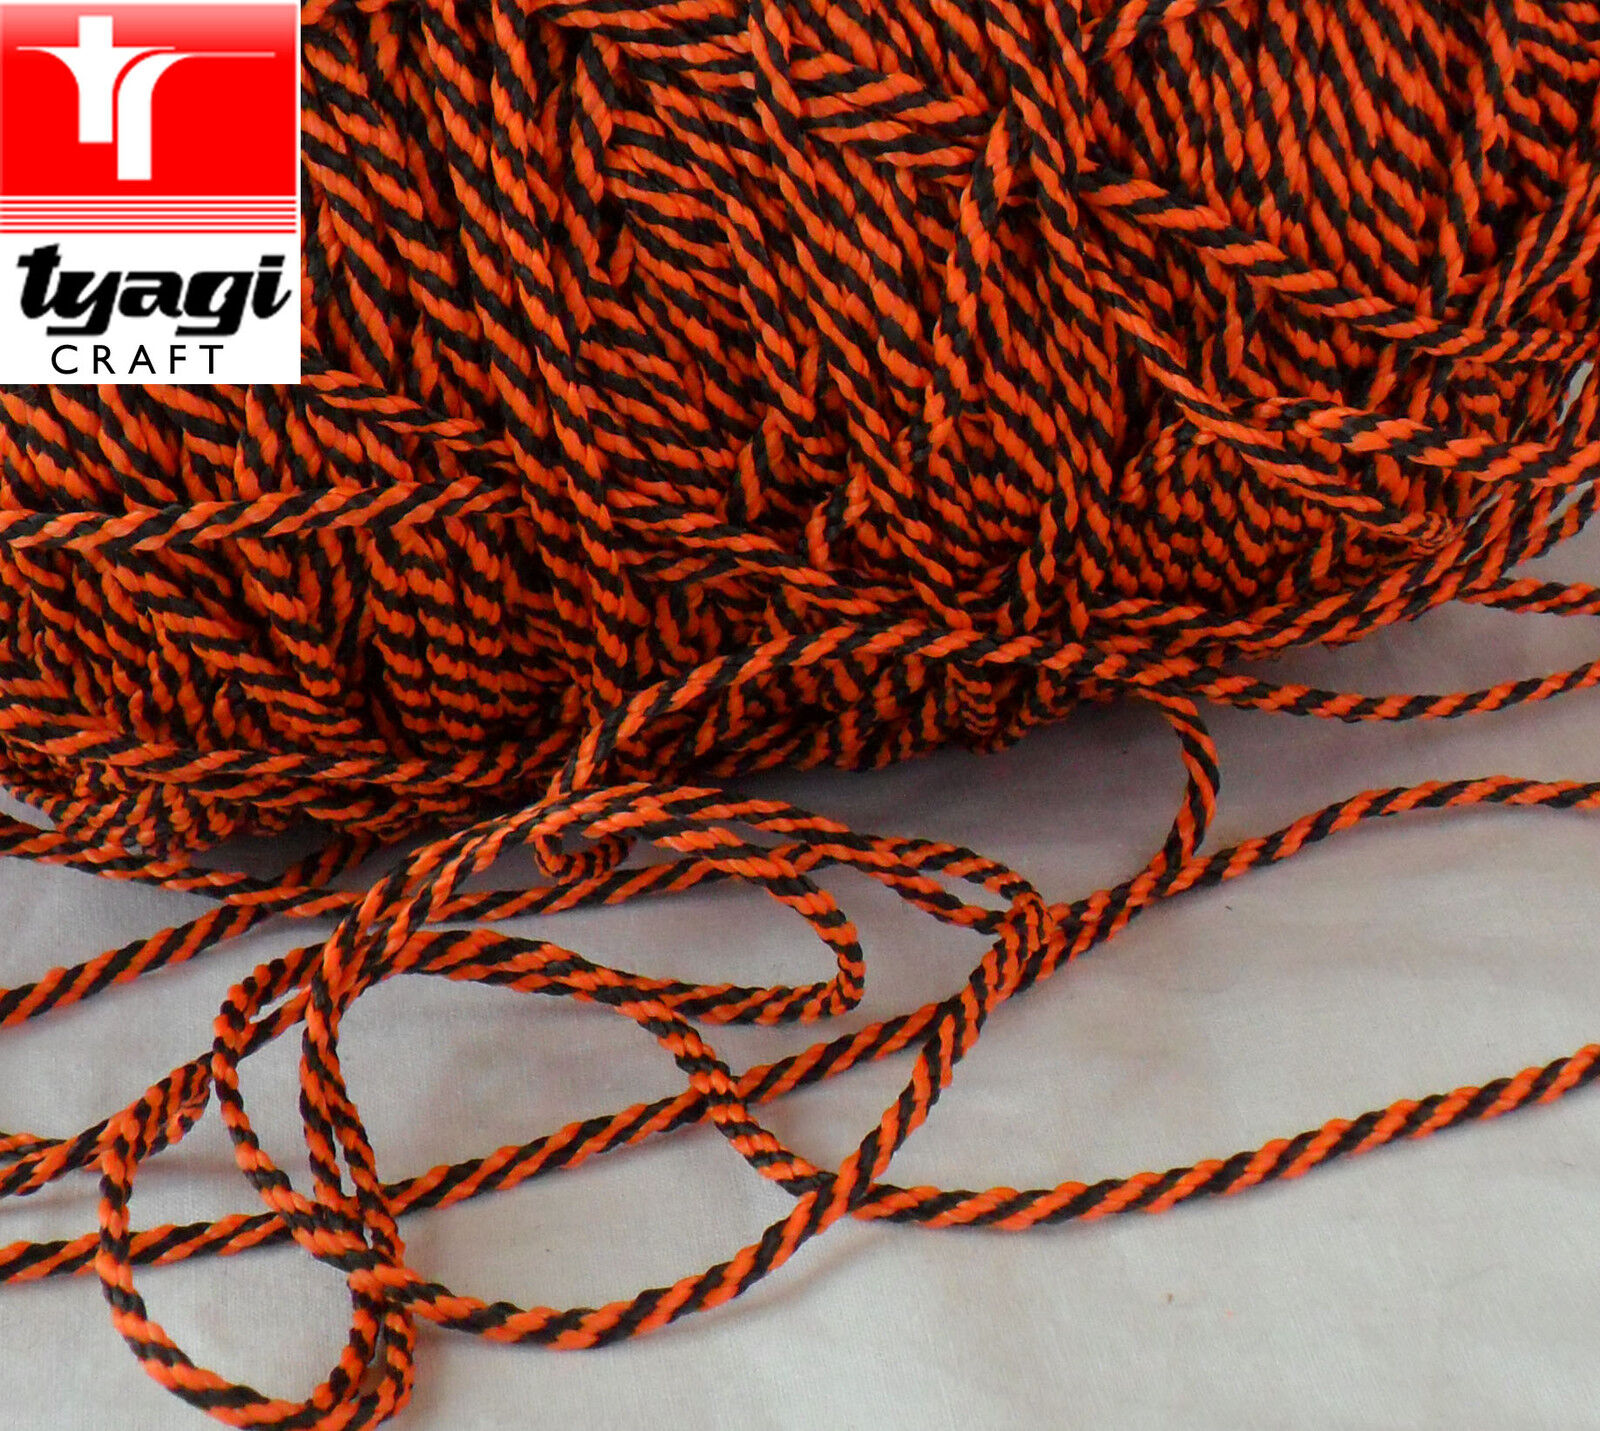 3mm Maus Unterlage Linie Paracord Polyester geflochtene Guide Seil Seil Seil Blind Licht 14f105